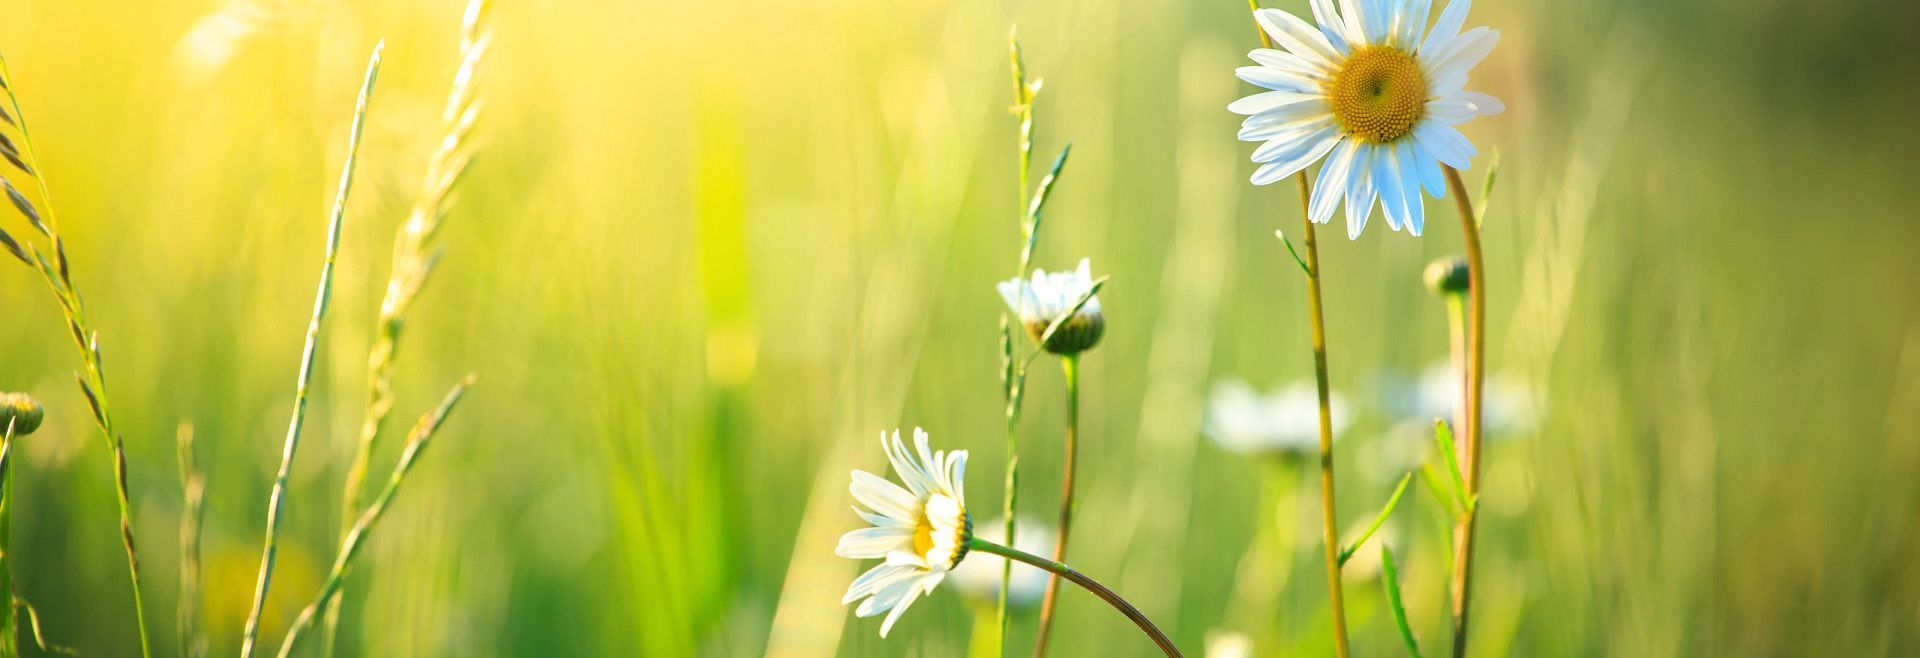 Daisy's in a field